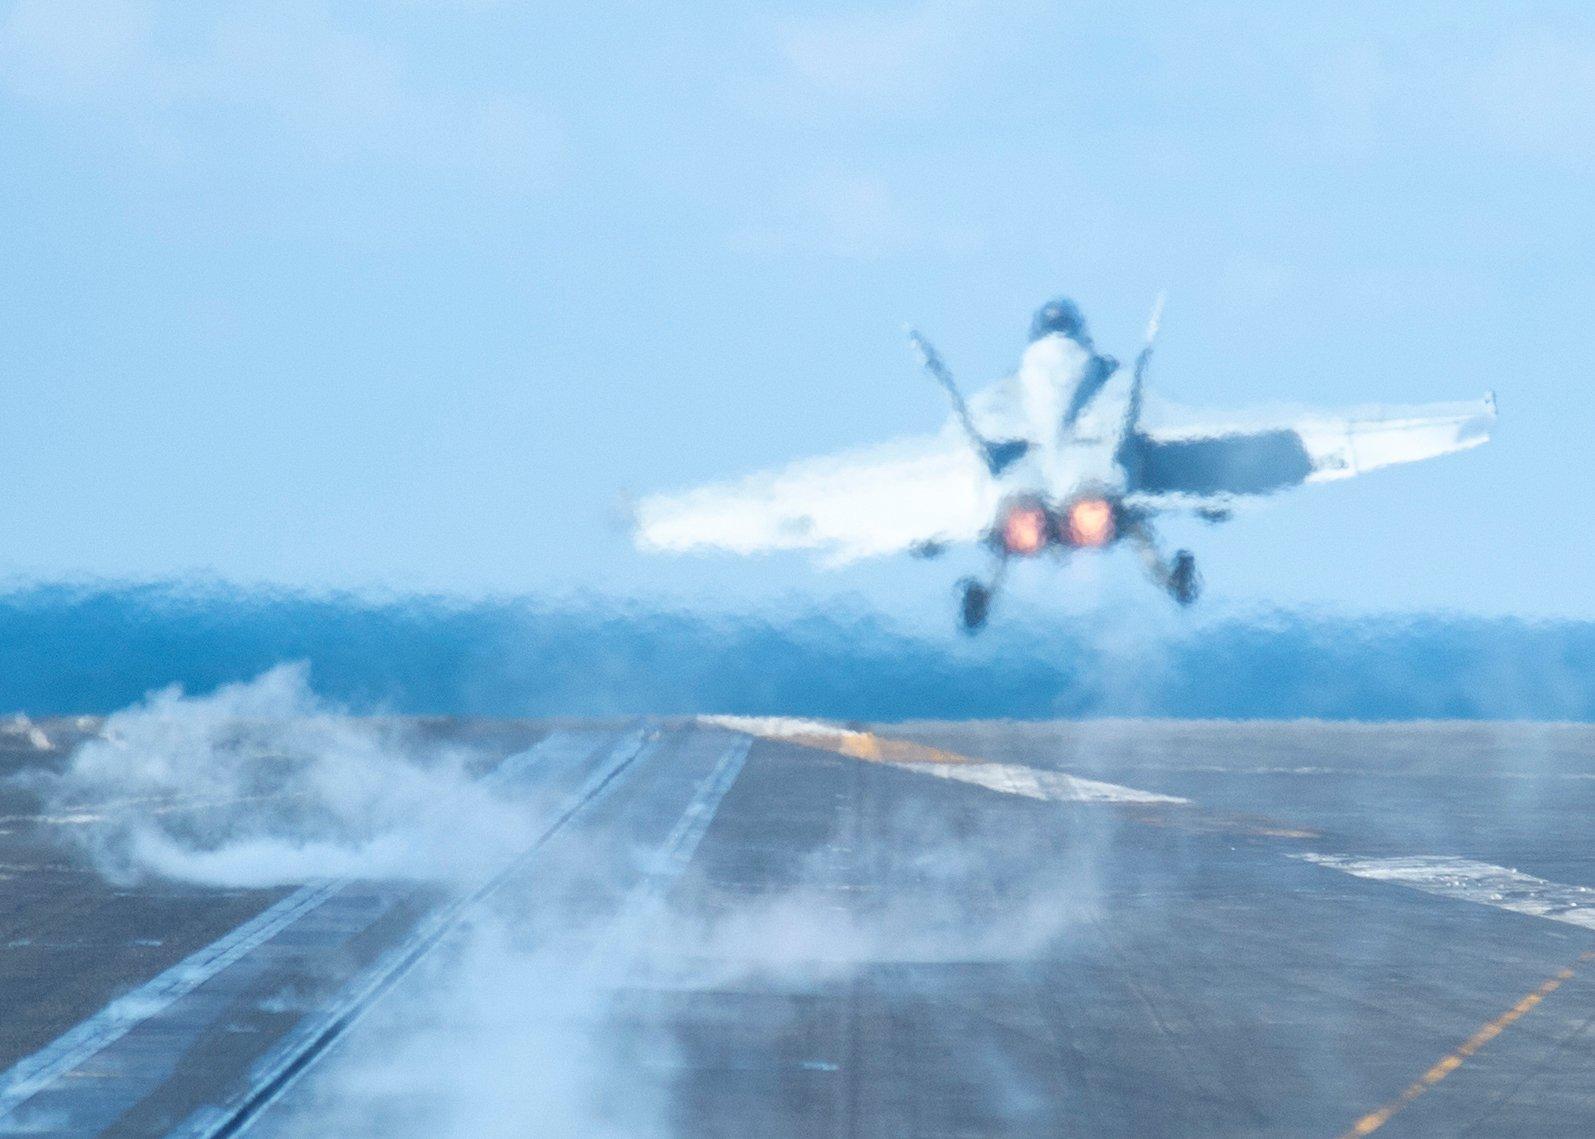 1月23日,一架F/A-18F超級大黃蜂從羅斯福號航空母艦(CVN 71)上起飛,羅斯福號航母艦隊正在南中國海自由航行。(美國海軍)